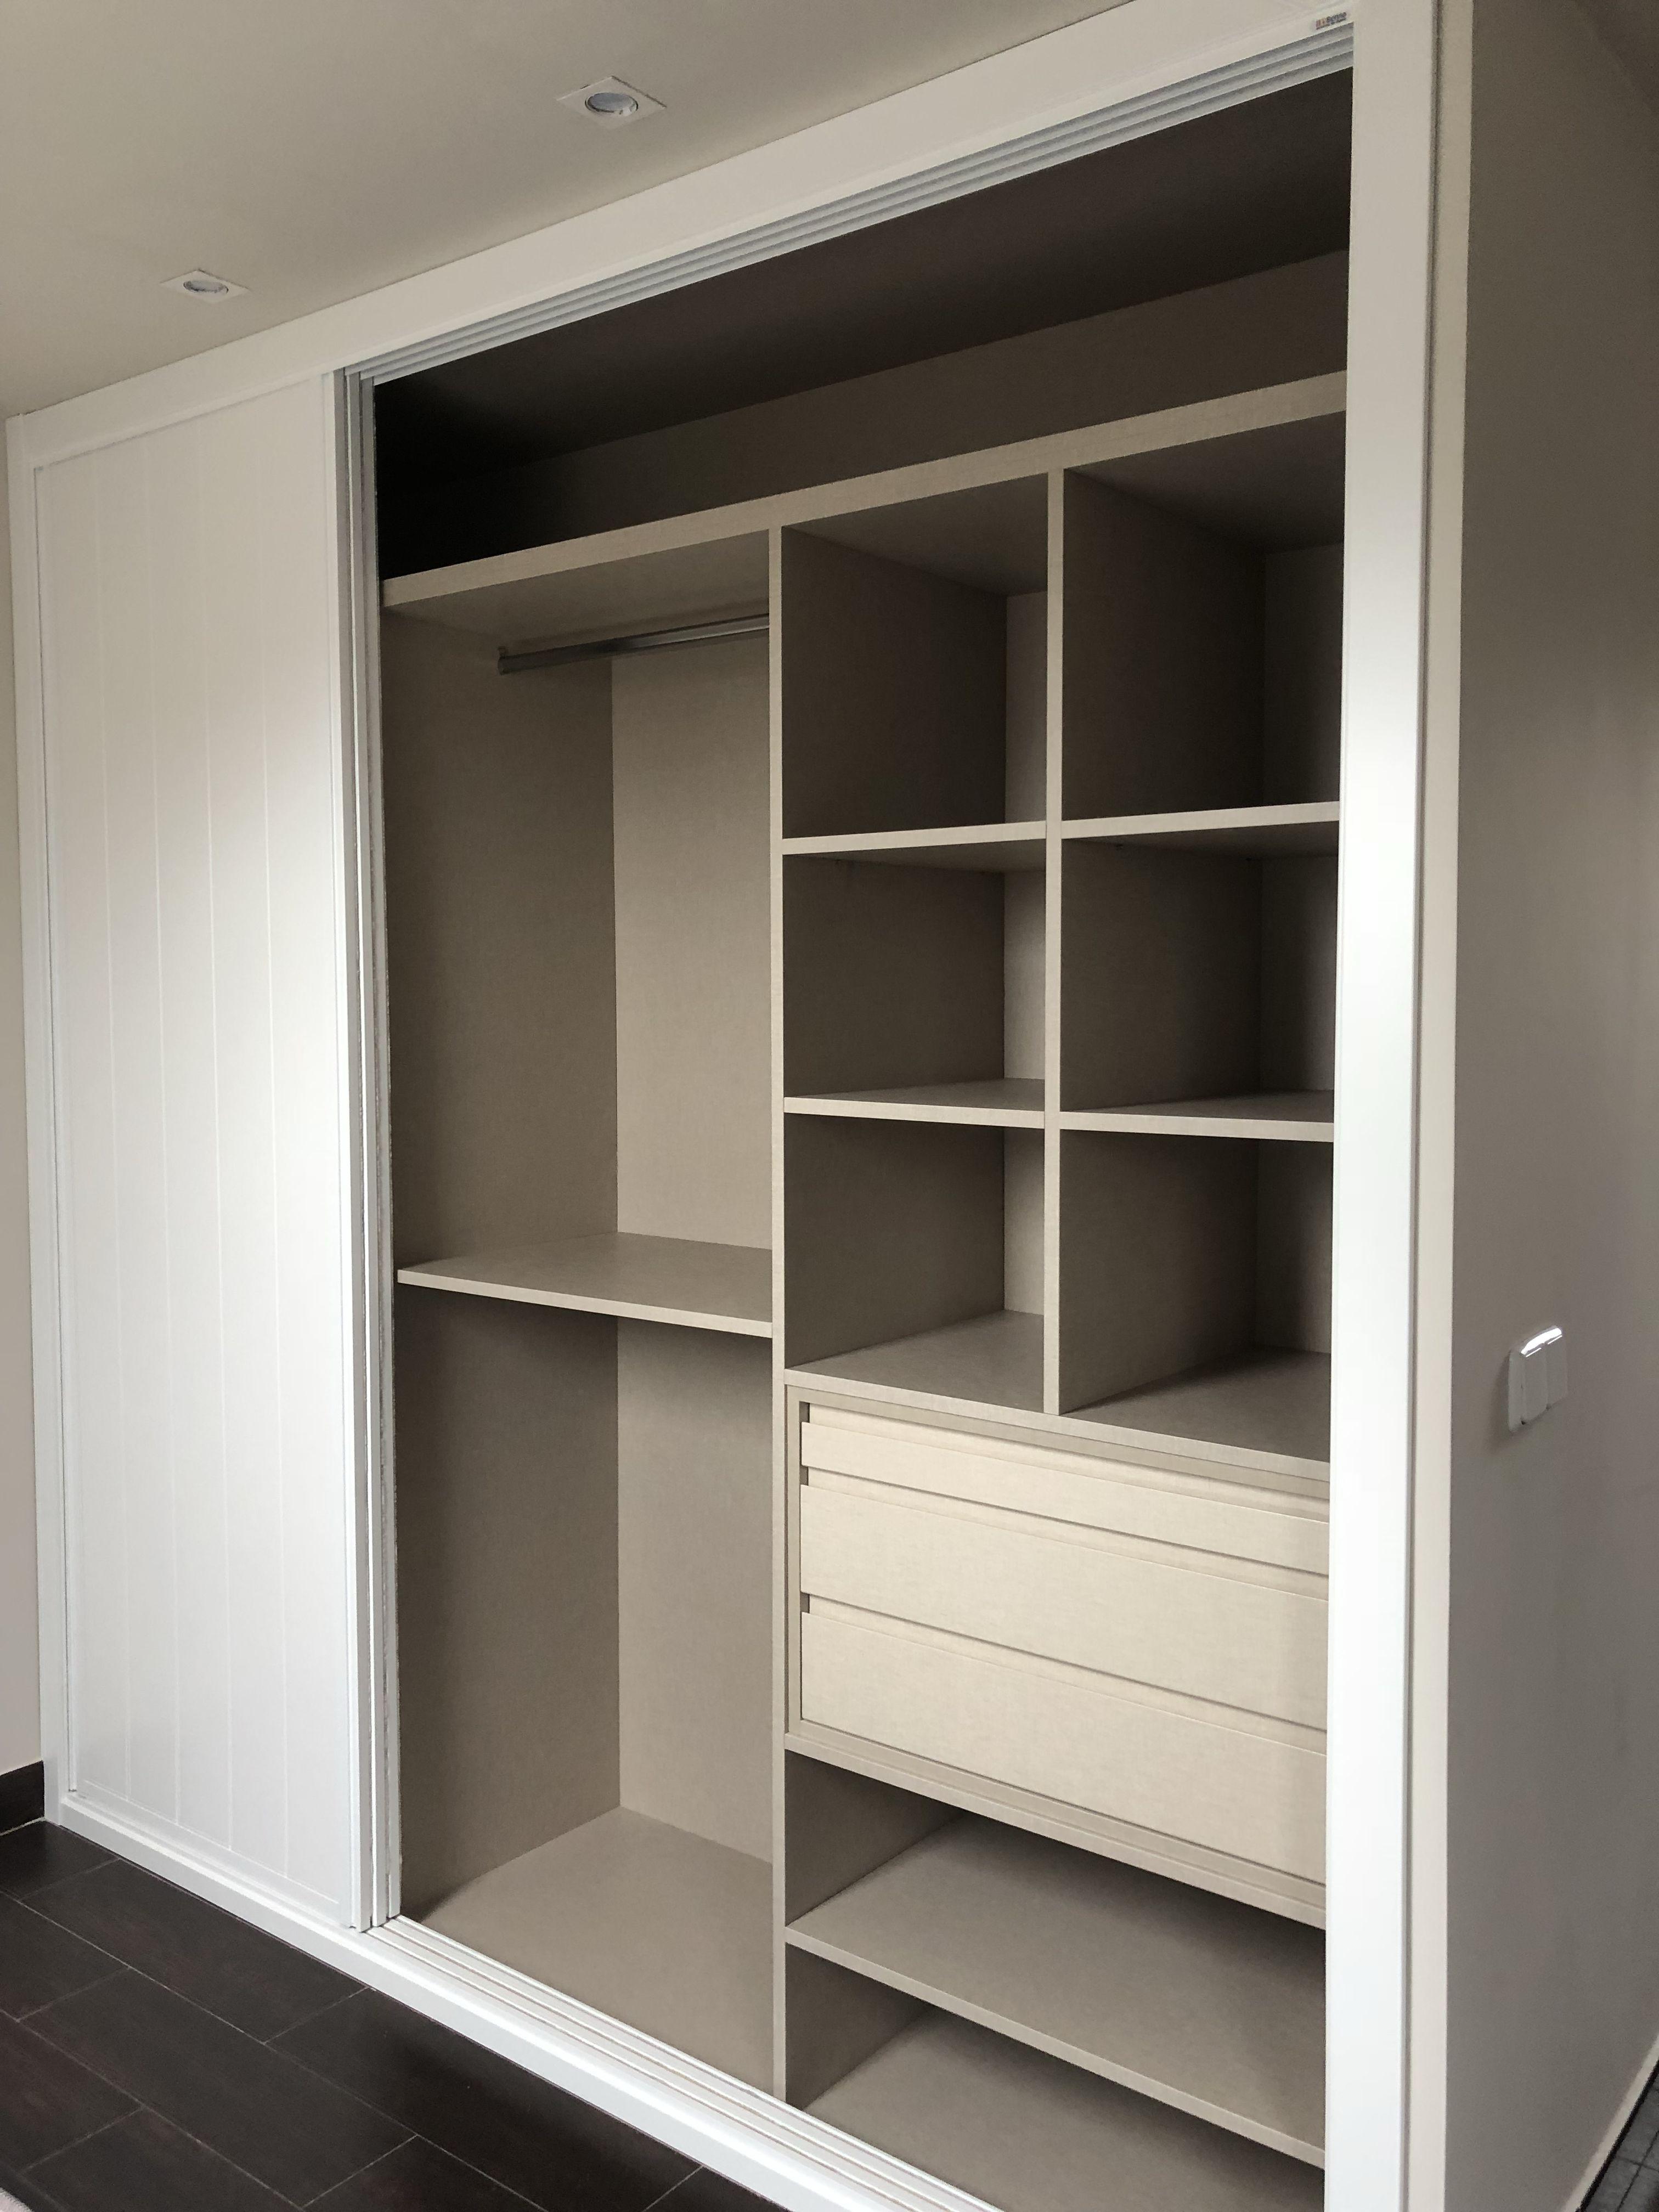 Puertas de interior en madrid armarios empotrados pinterest - Ideas de armarios empotrados ...